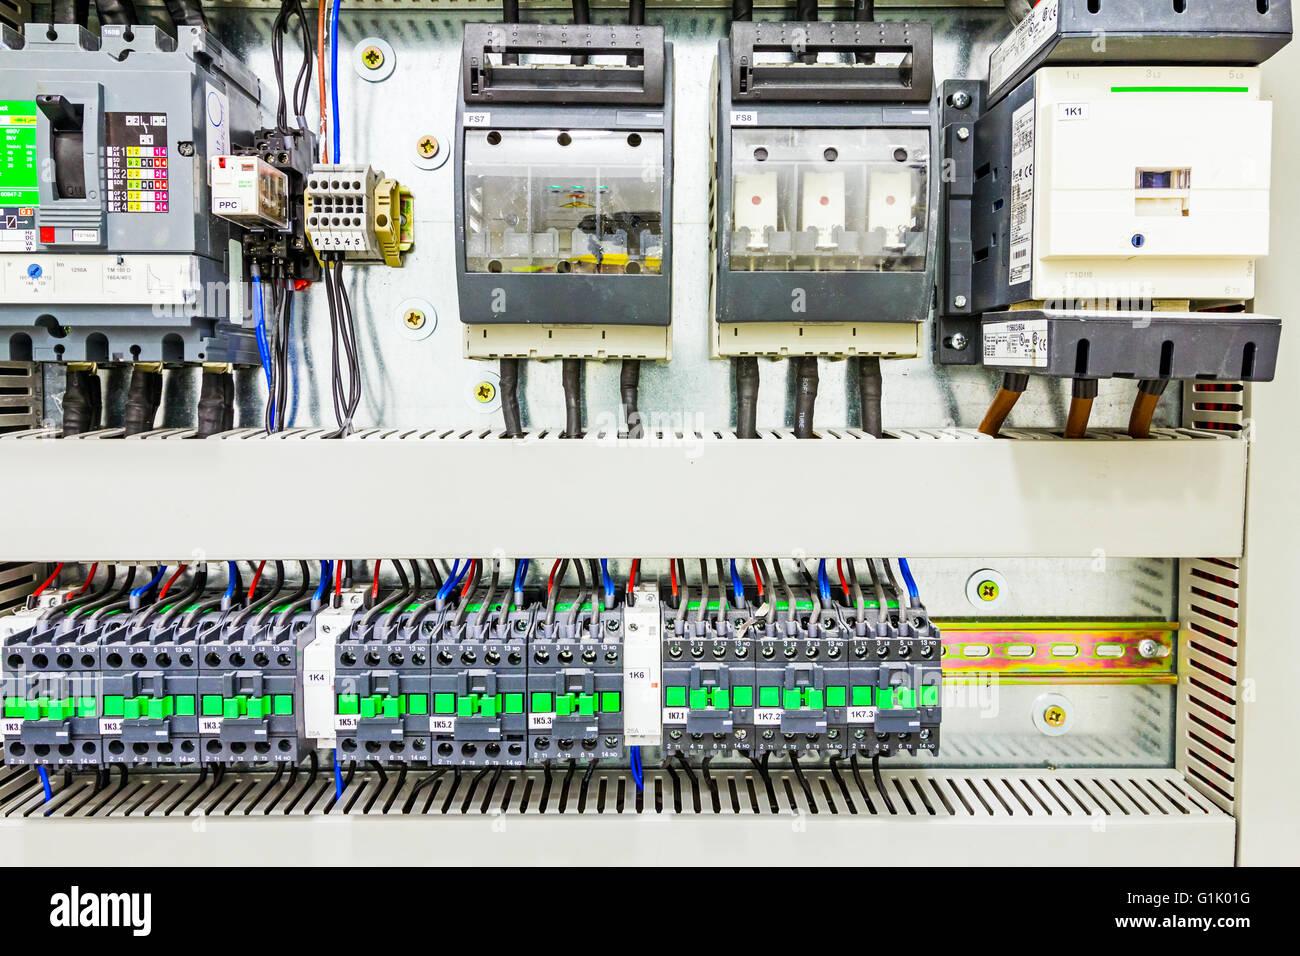 Erfreut Schaltkasten Schalttafel Fotos - Elektrische Schaltplan ...